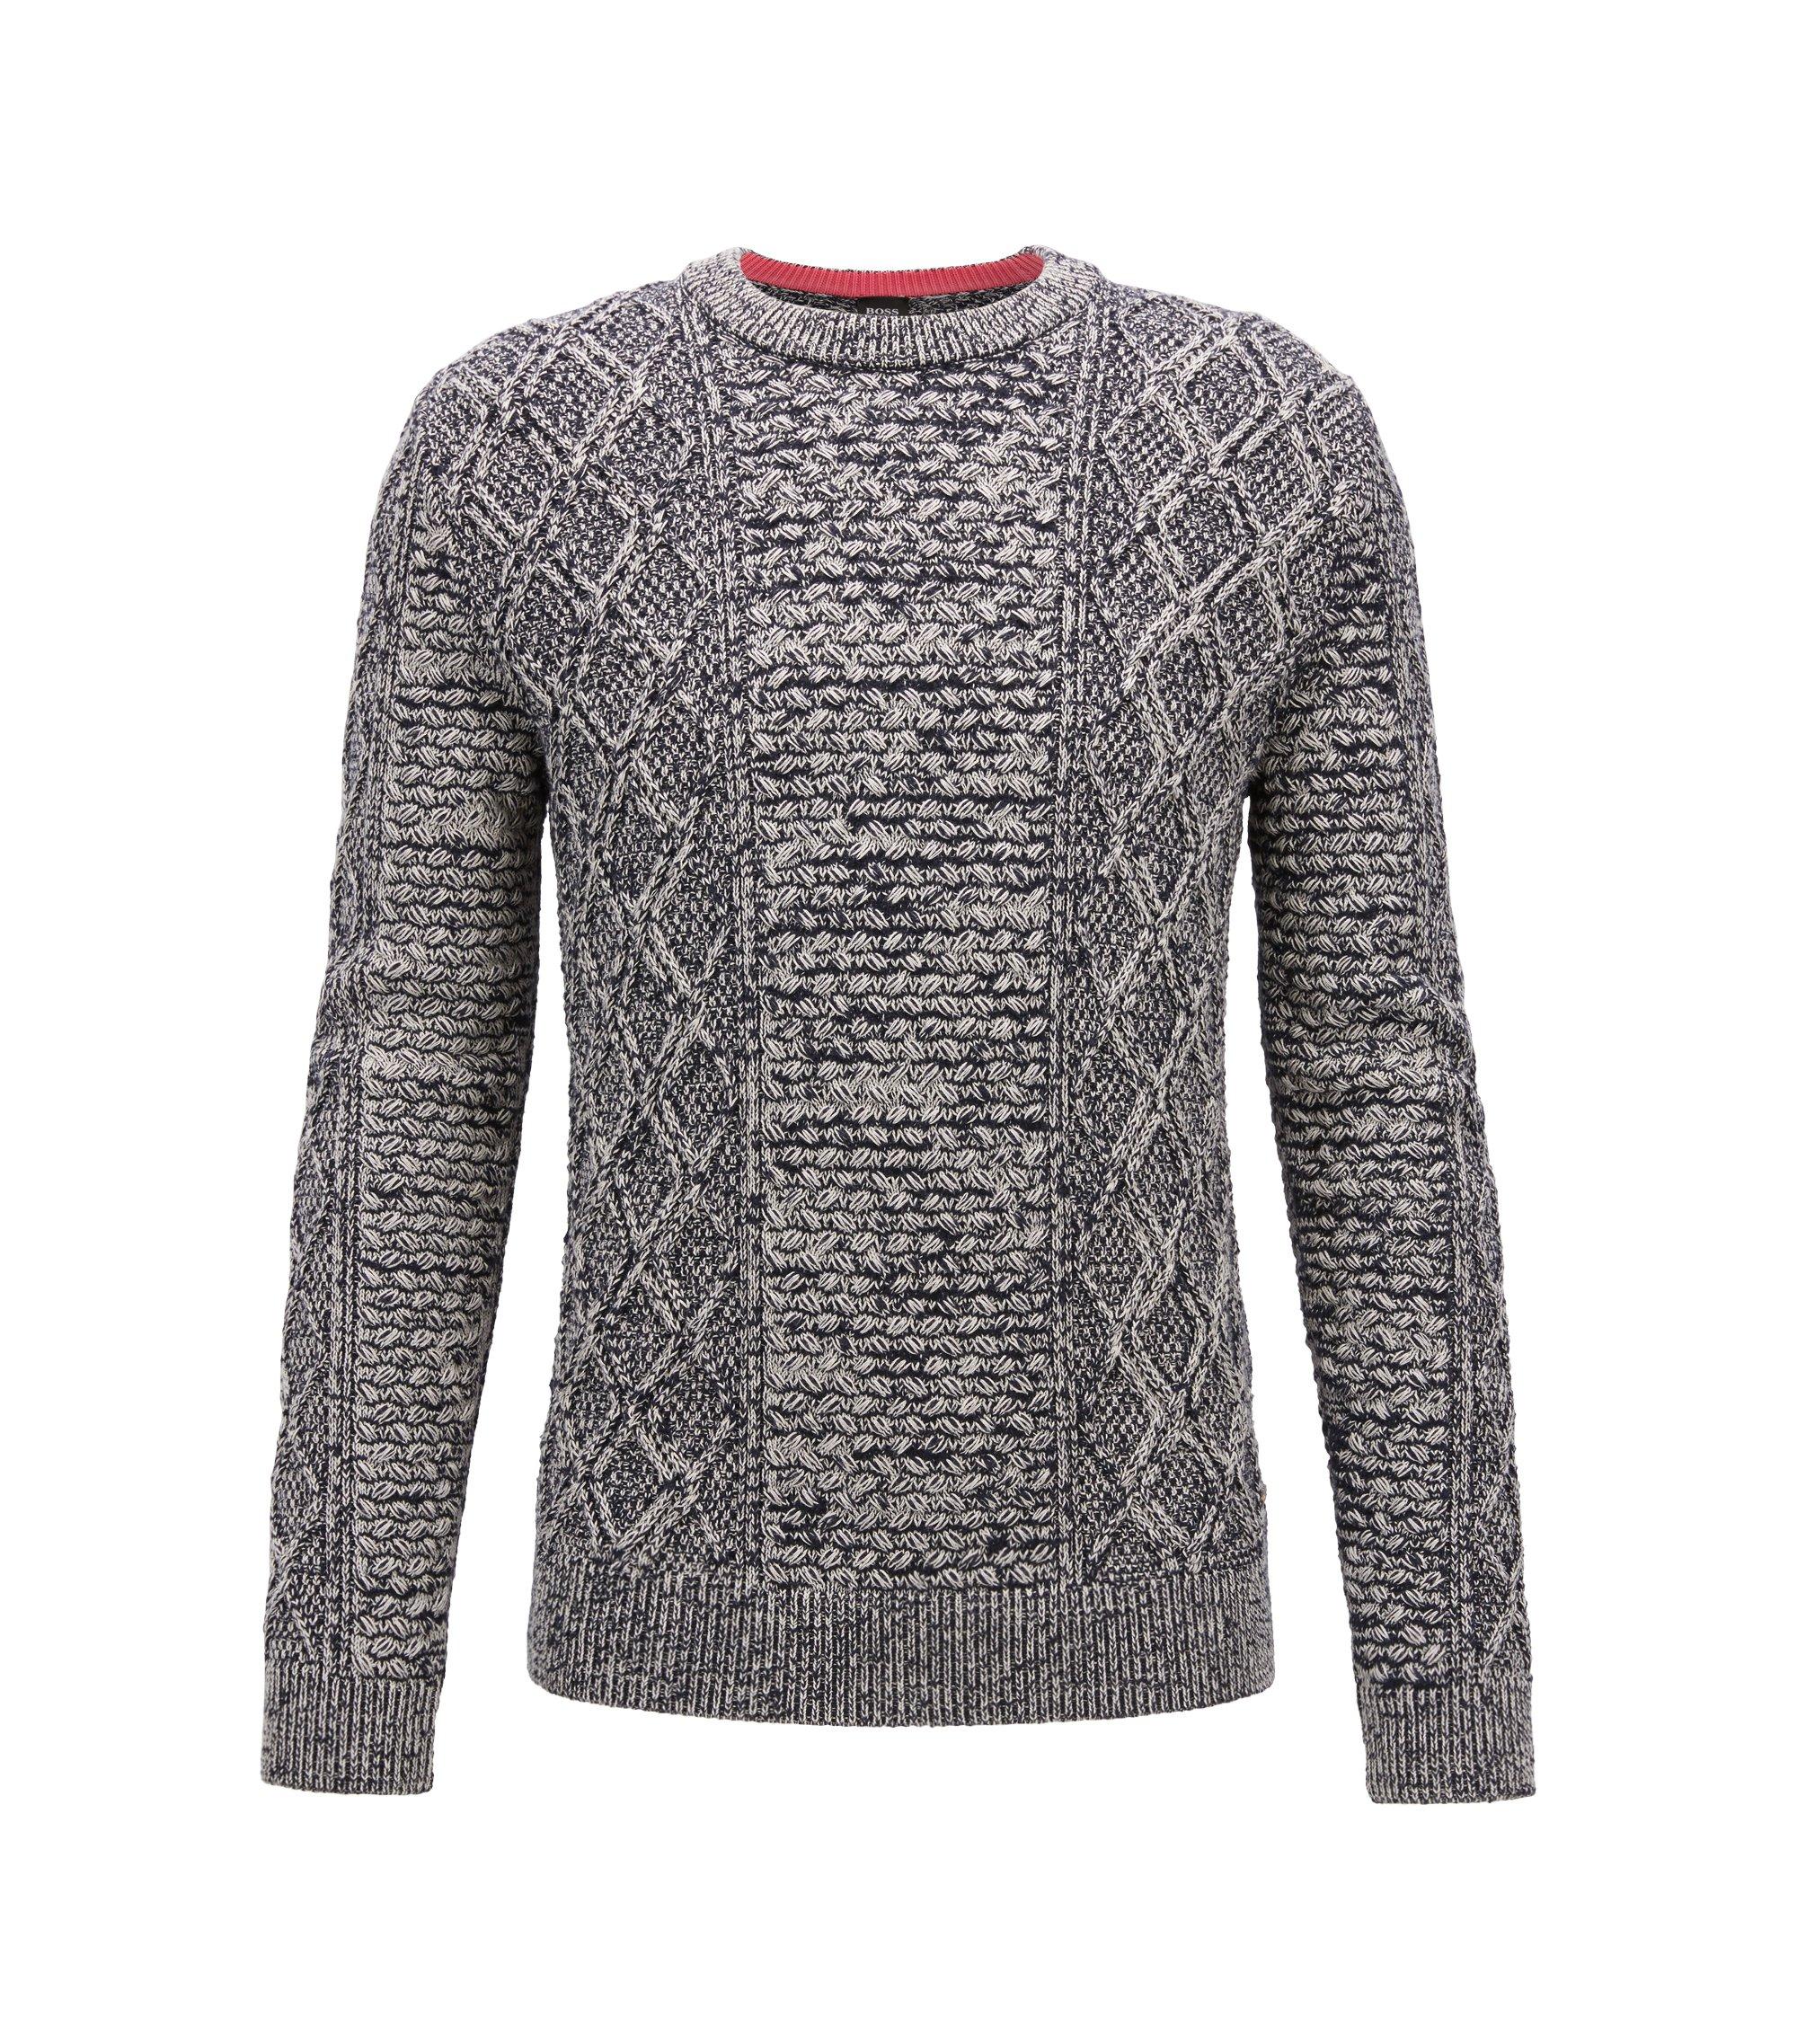 Pullover aus Baumwoll-Mix mit dreidimensionalem Zopfmuster, Dunkelblau